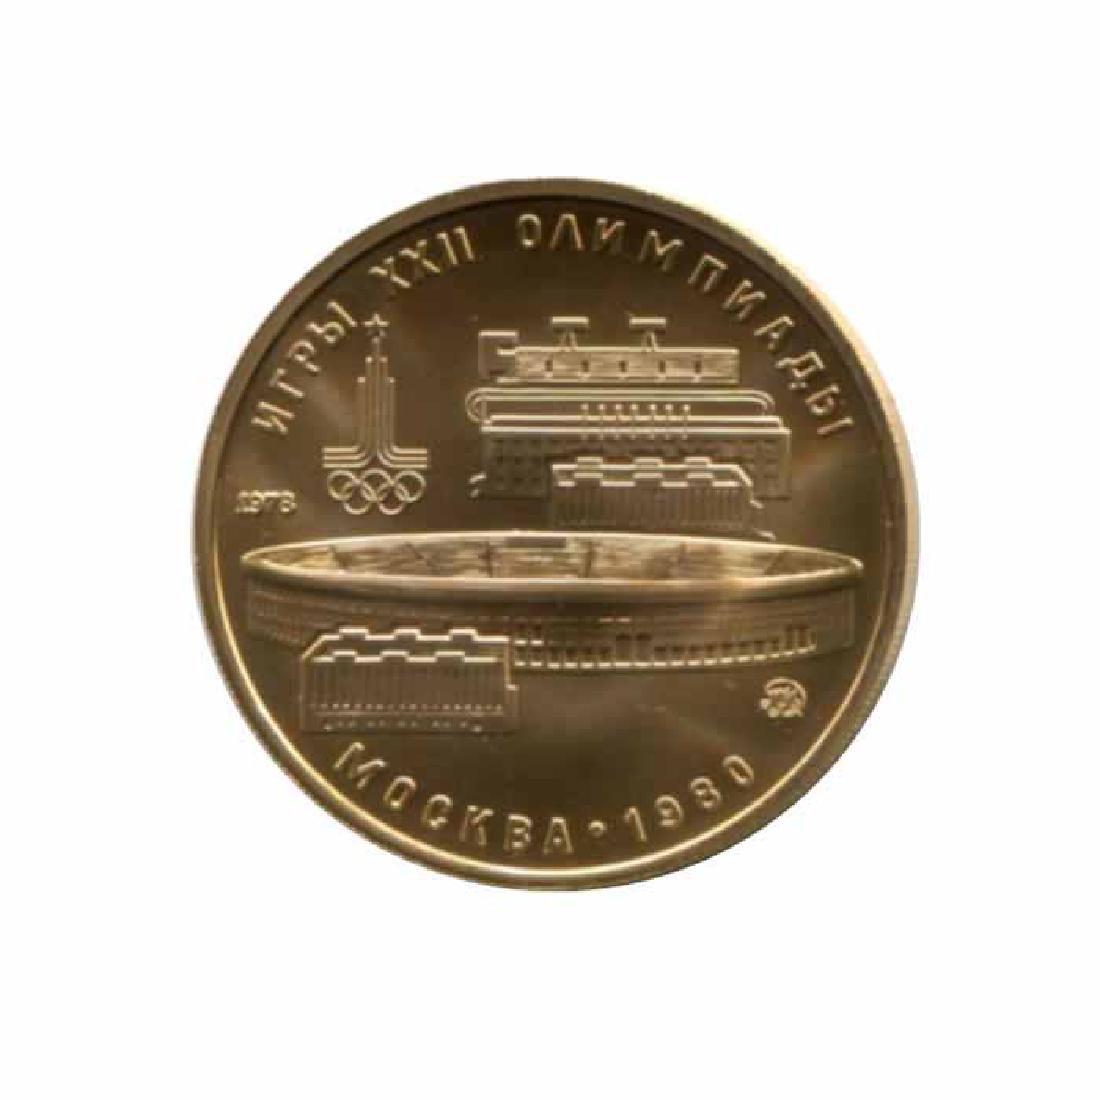 Russia 100 roubles gold 1978 BU Lenin Stadium